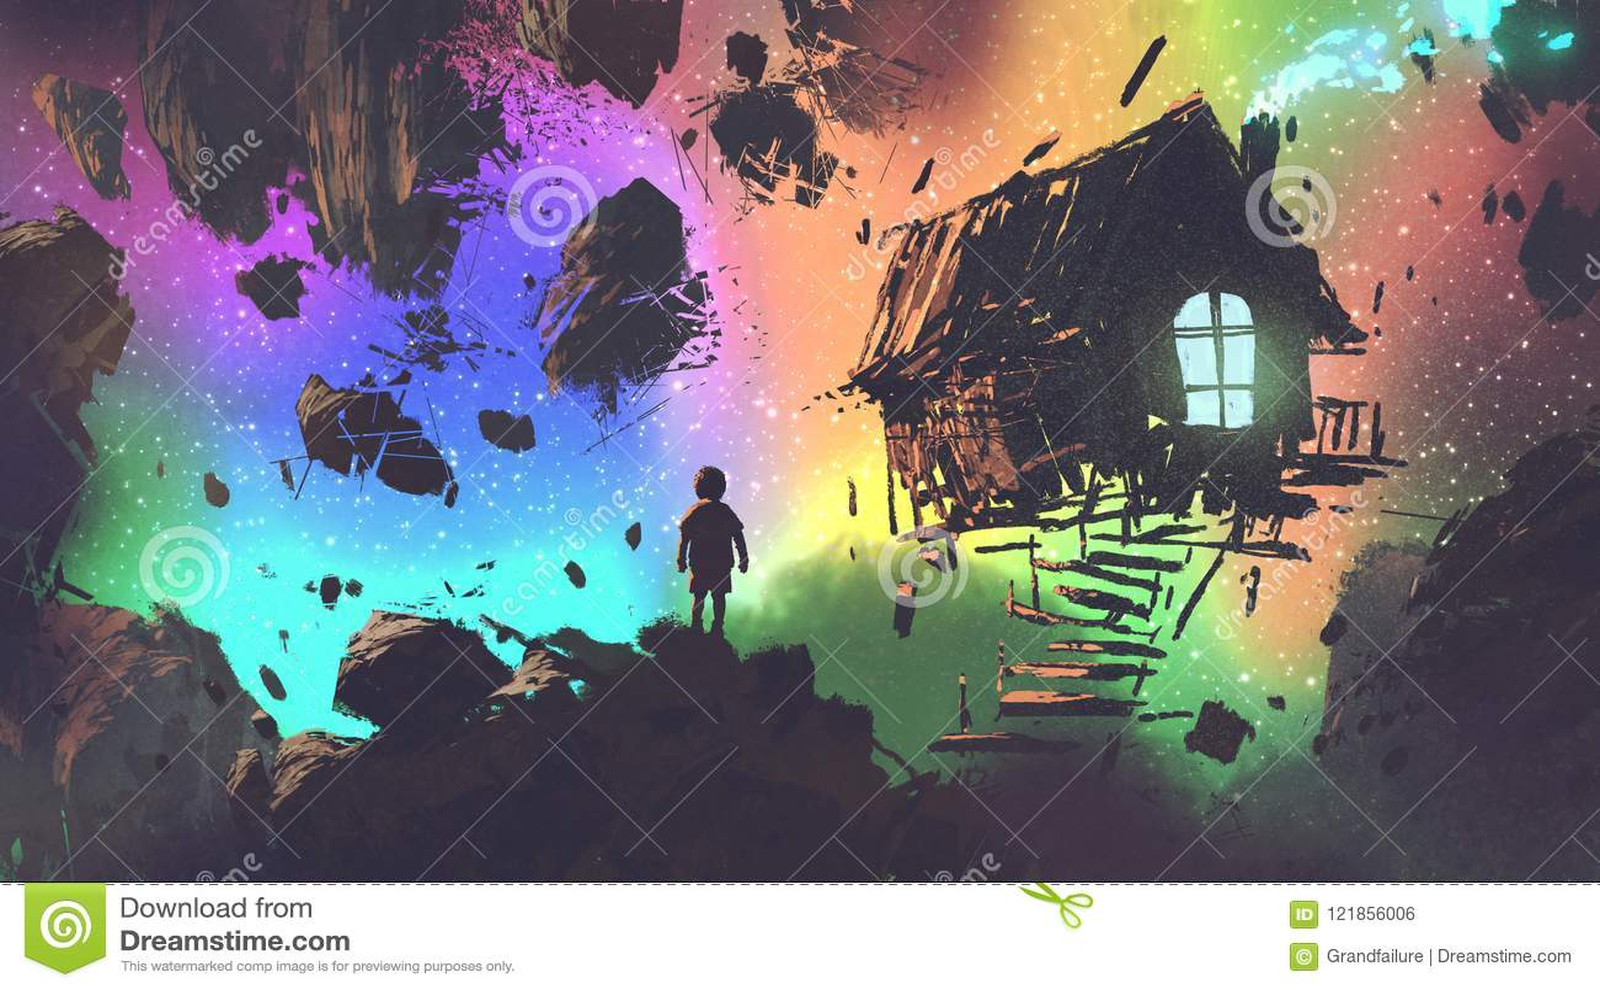 Le garçon et une maison dans un endroit étrange